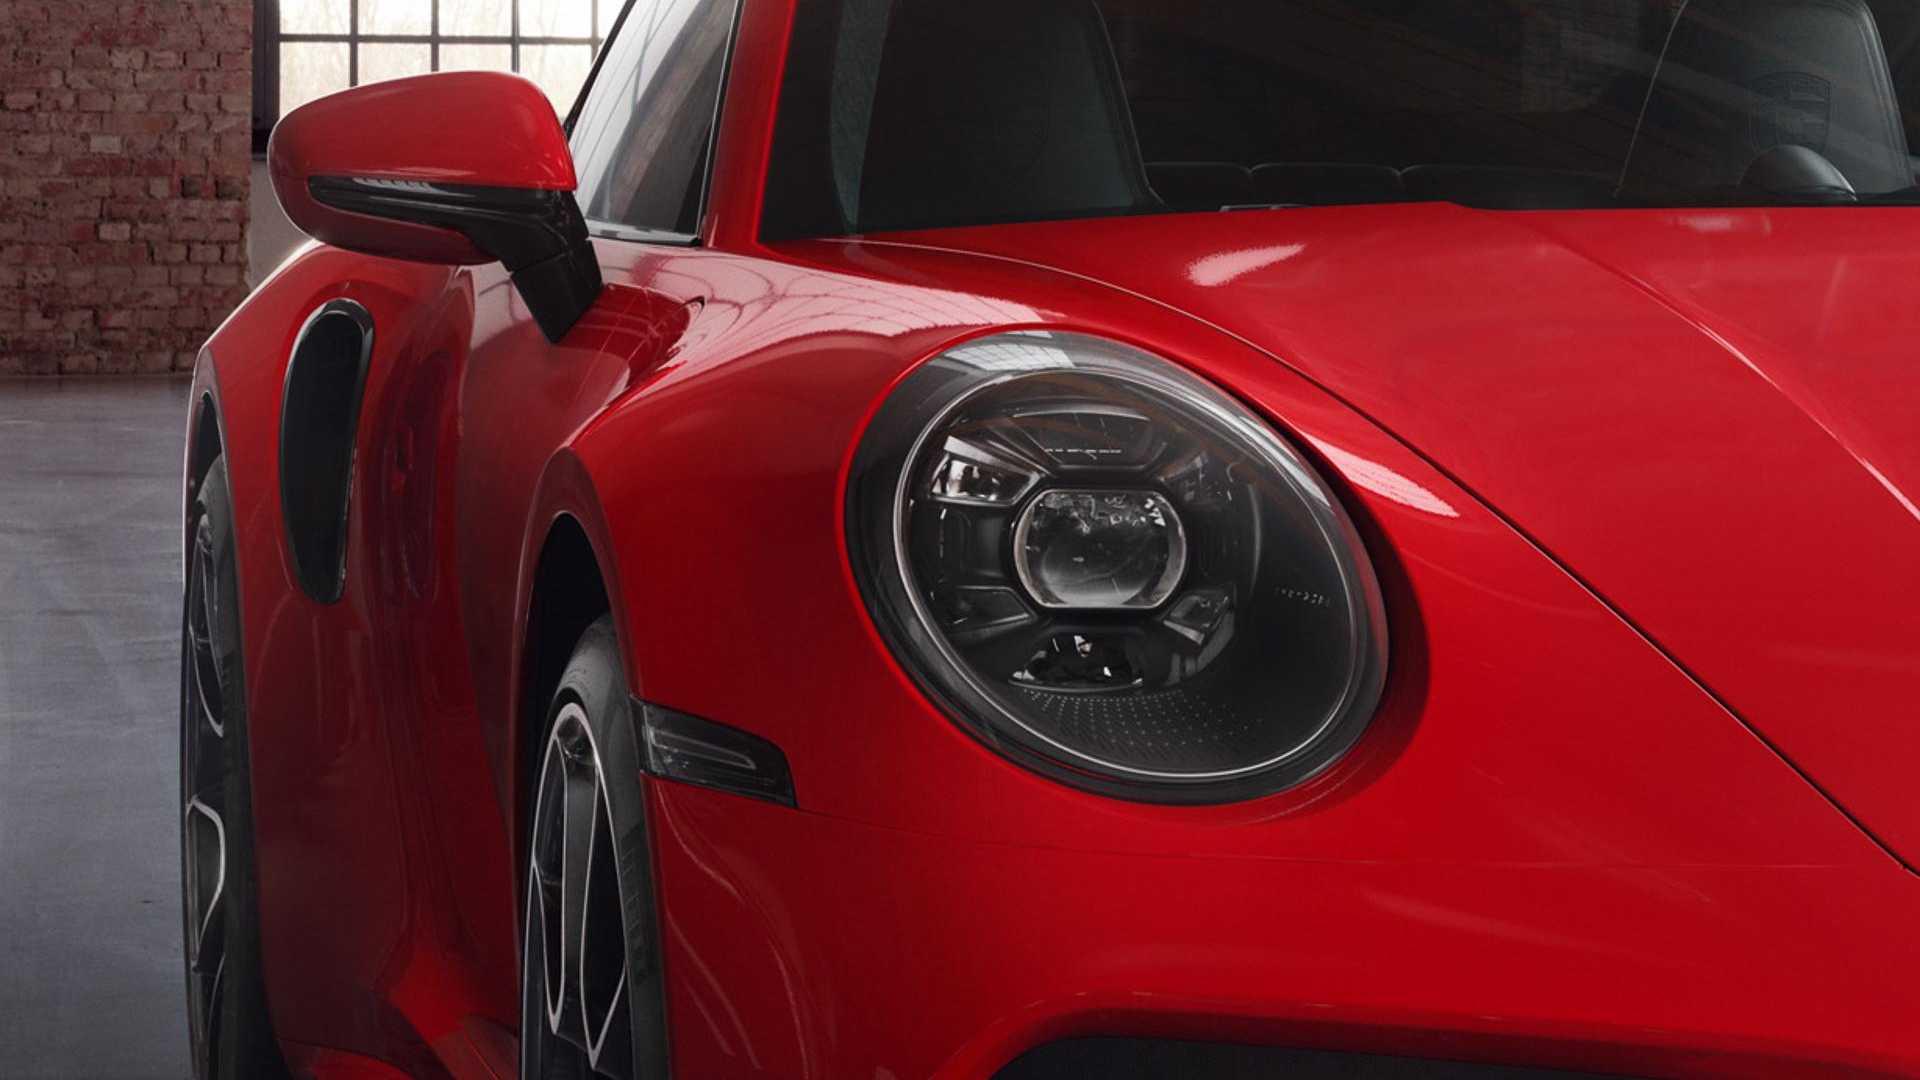 porsche-exclusive-manufaktur-911-turbo-s-guards-red-3